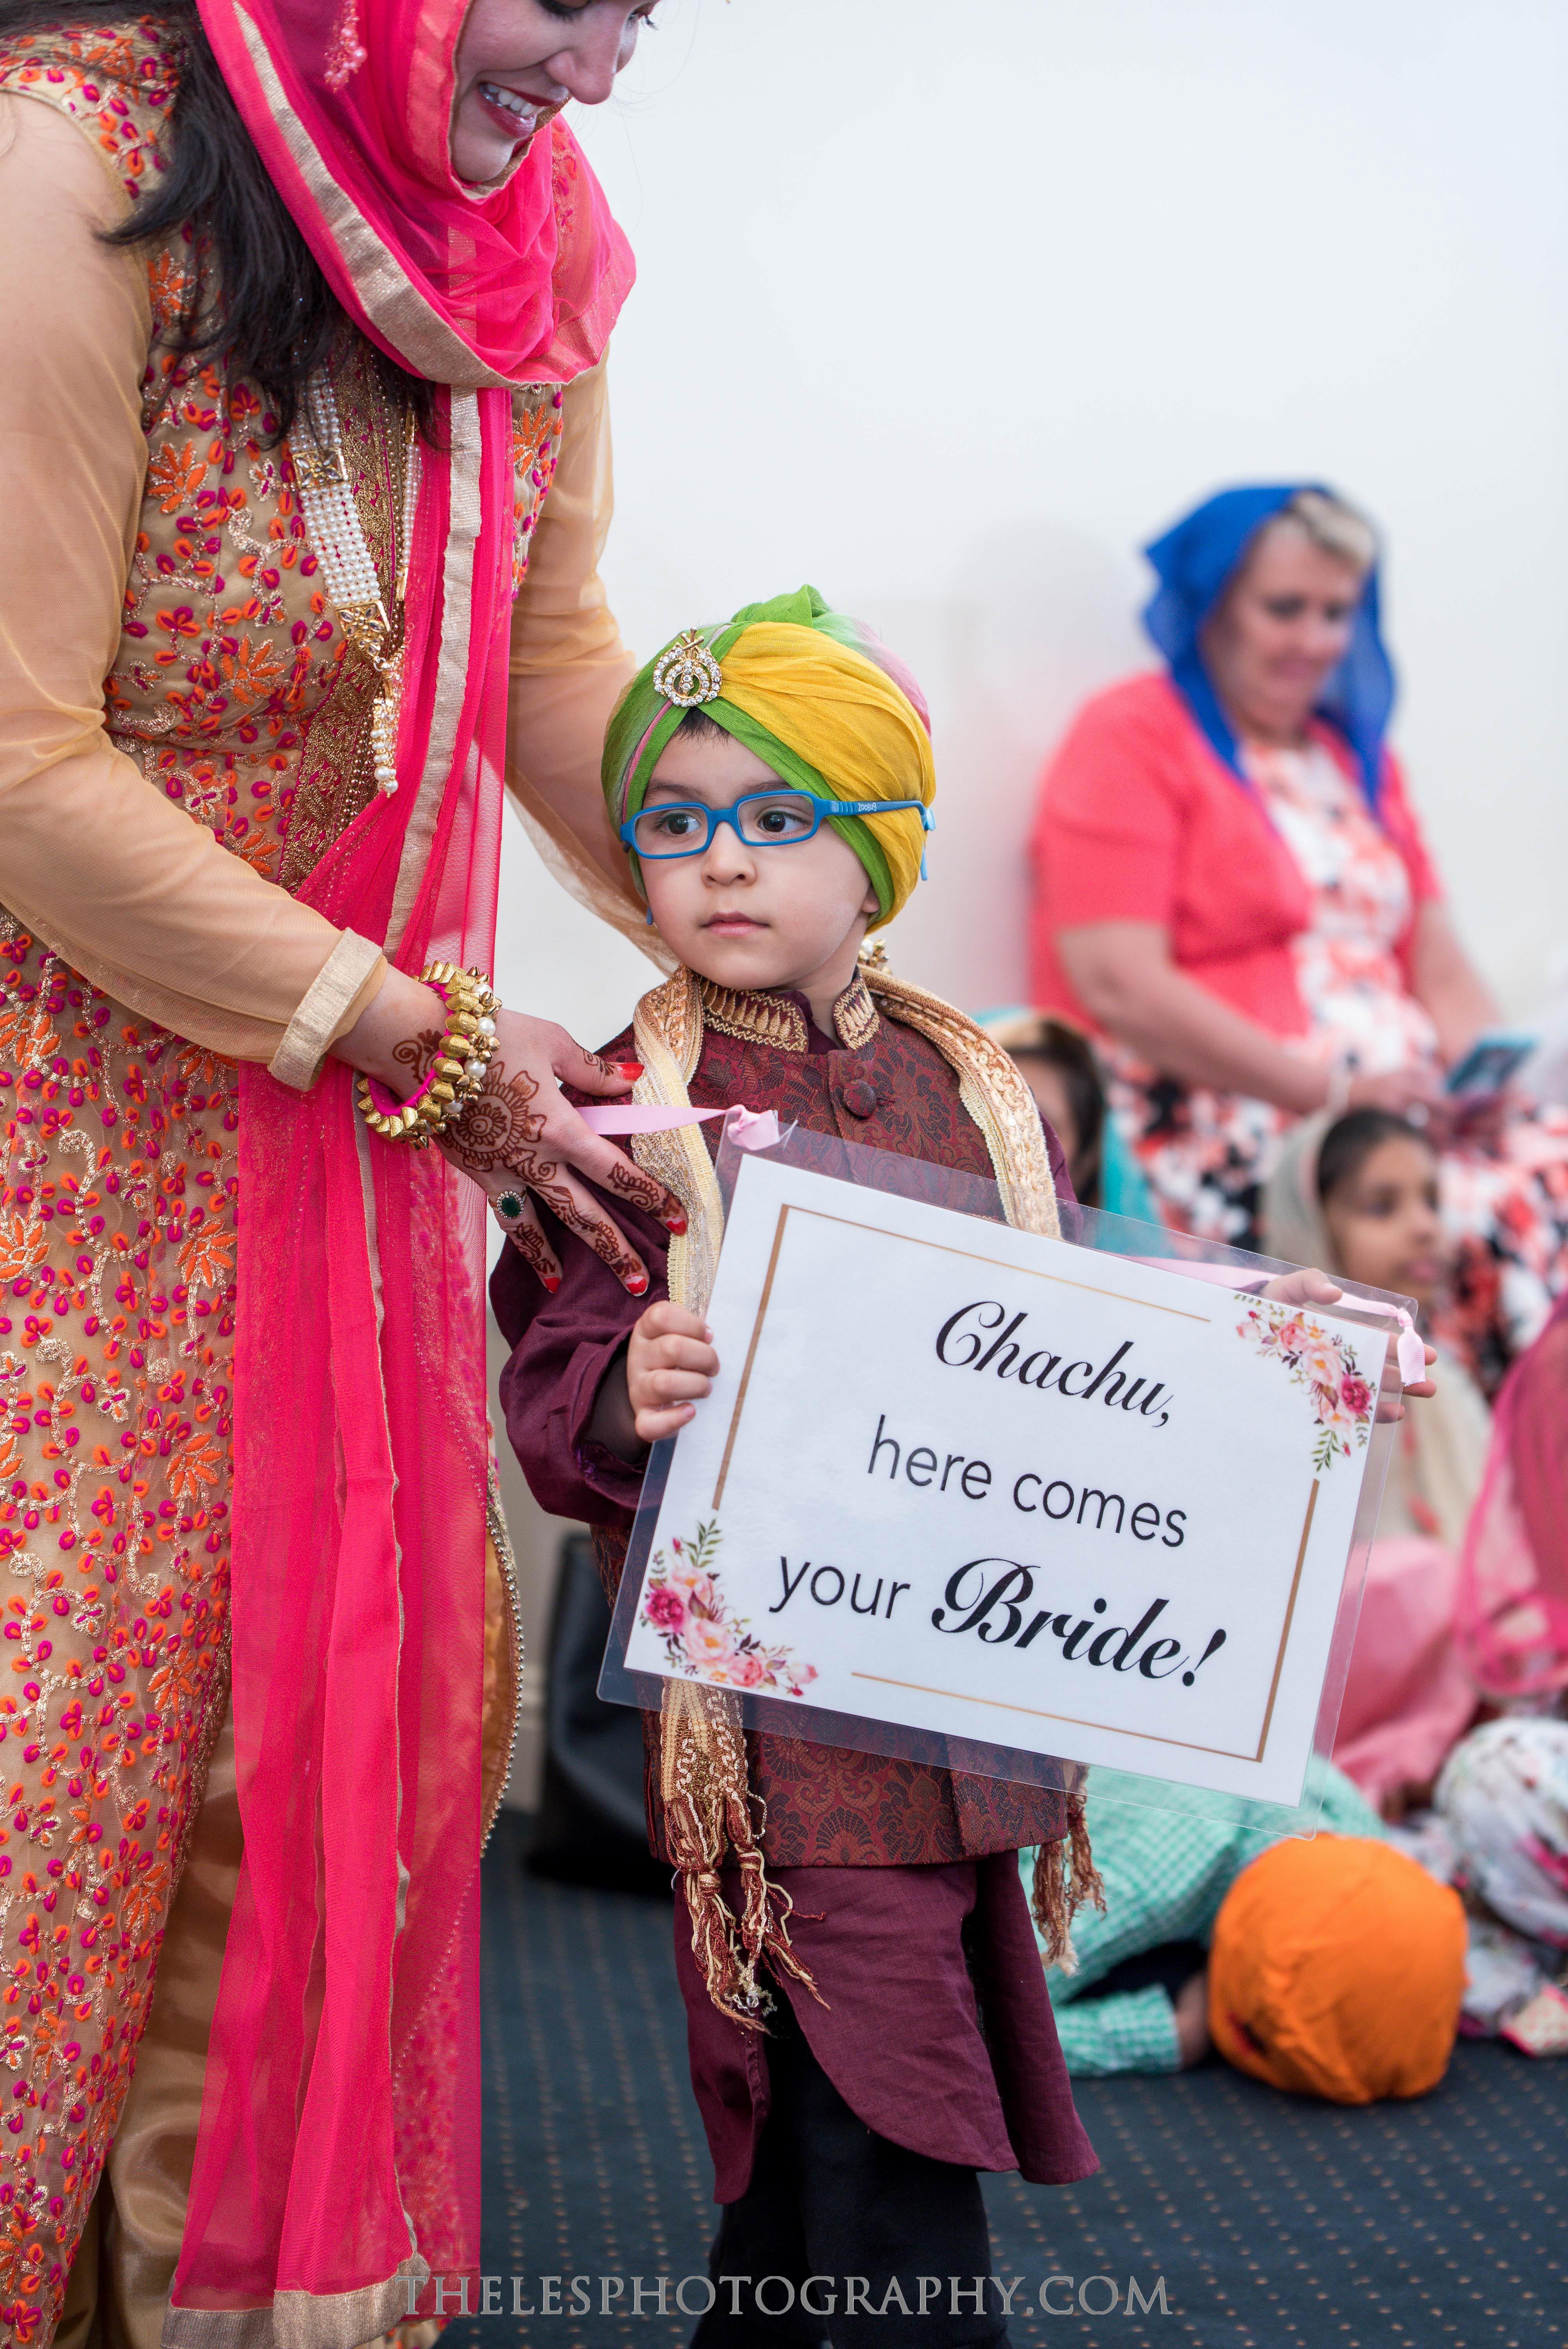 The Les Photography - Punjabi Wedding - Sikh Indian Wedding - Dallas Wedding Photographer 28